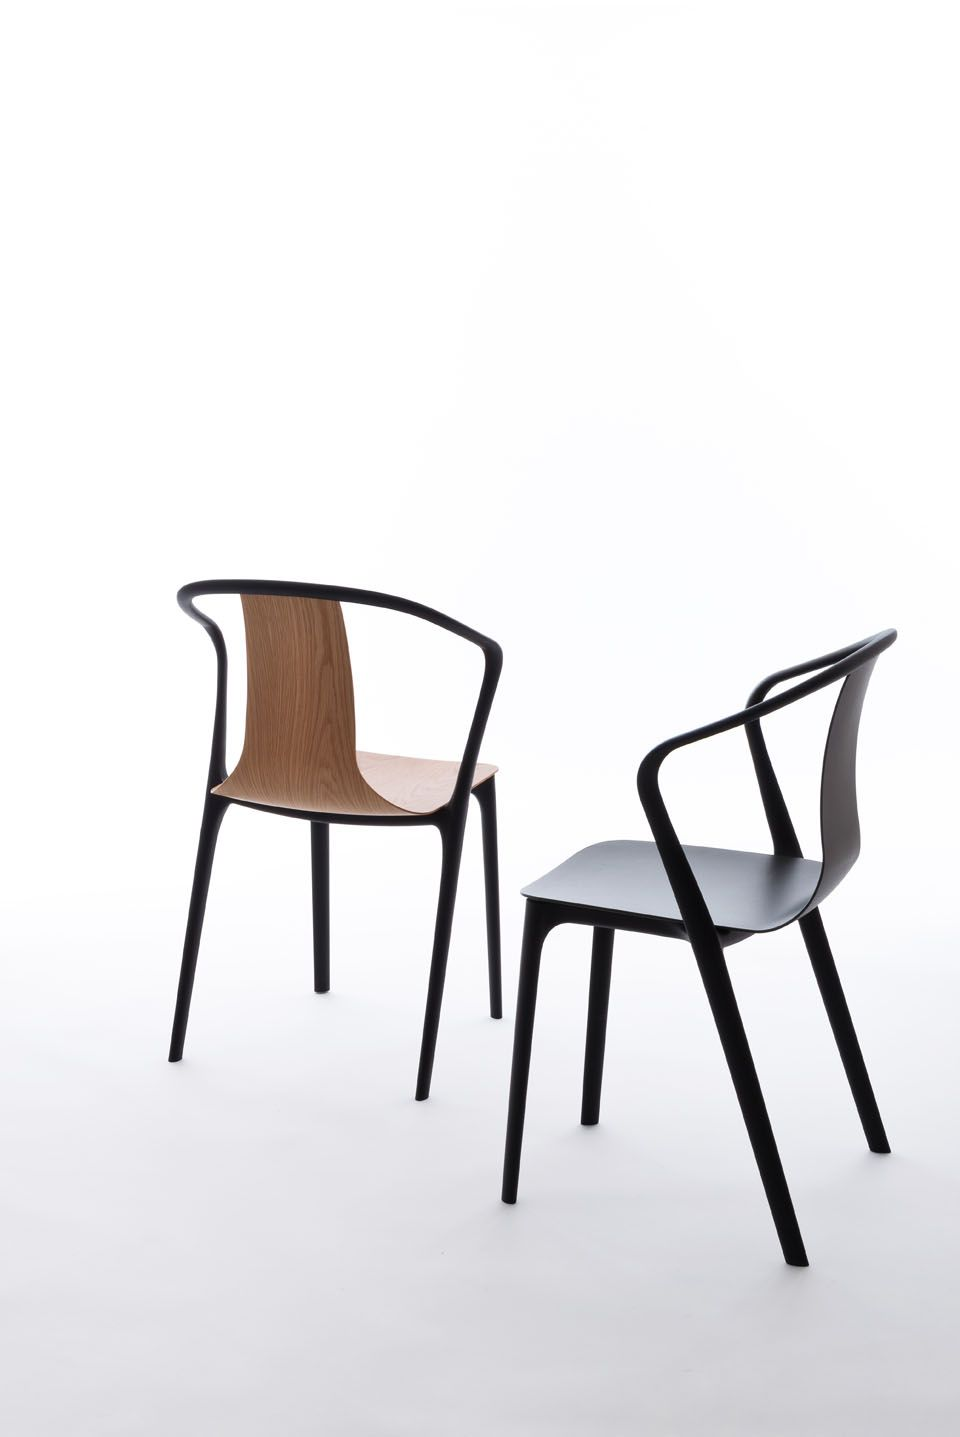 3b6c162f7921da09c8ac91977d22a513 Résultat Supérieur 1 Merveilleux Petit Fauteuil Cuir Noir Und Chaise Design Pour Deco Chambre Photos 2017 Lok9